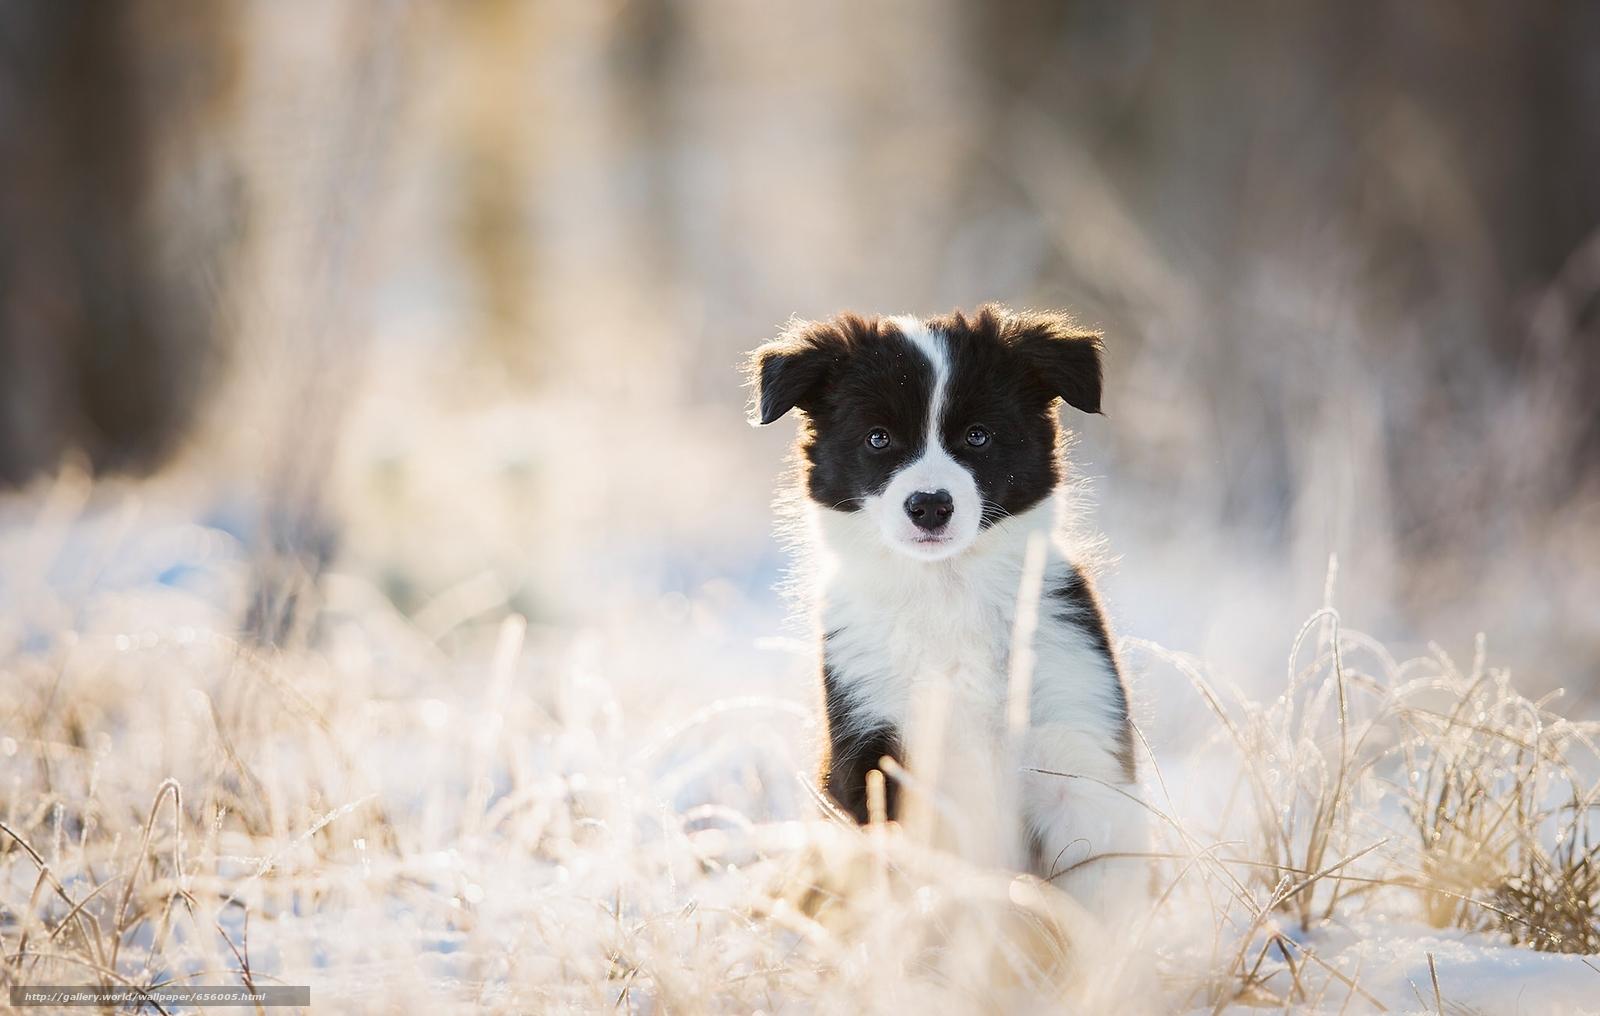 Tlcharger fond d 39 ecran chiot chien voir hiver fonds d for Fond ecran chiot